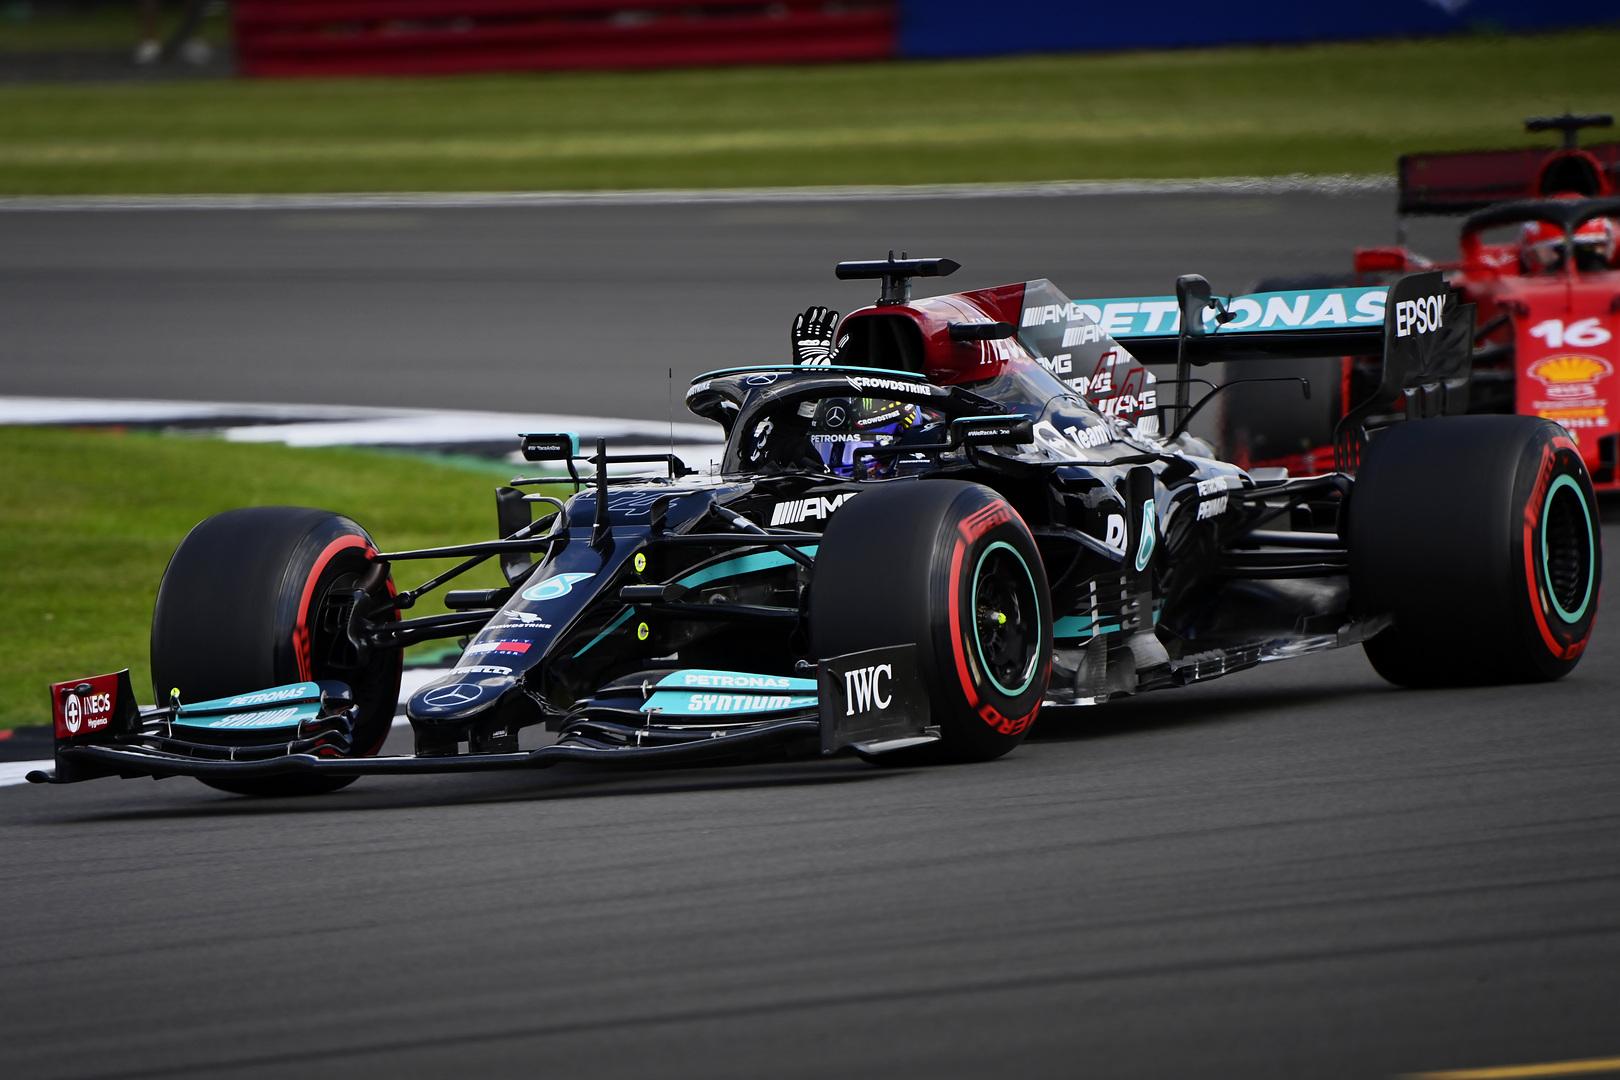 Silverstoune vykusių lenktynių pabaigoje pergalę išplėšė L. Hamiltonas